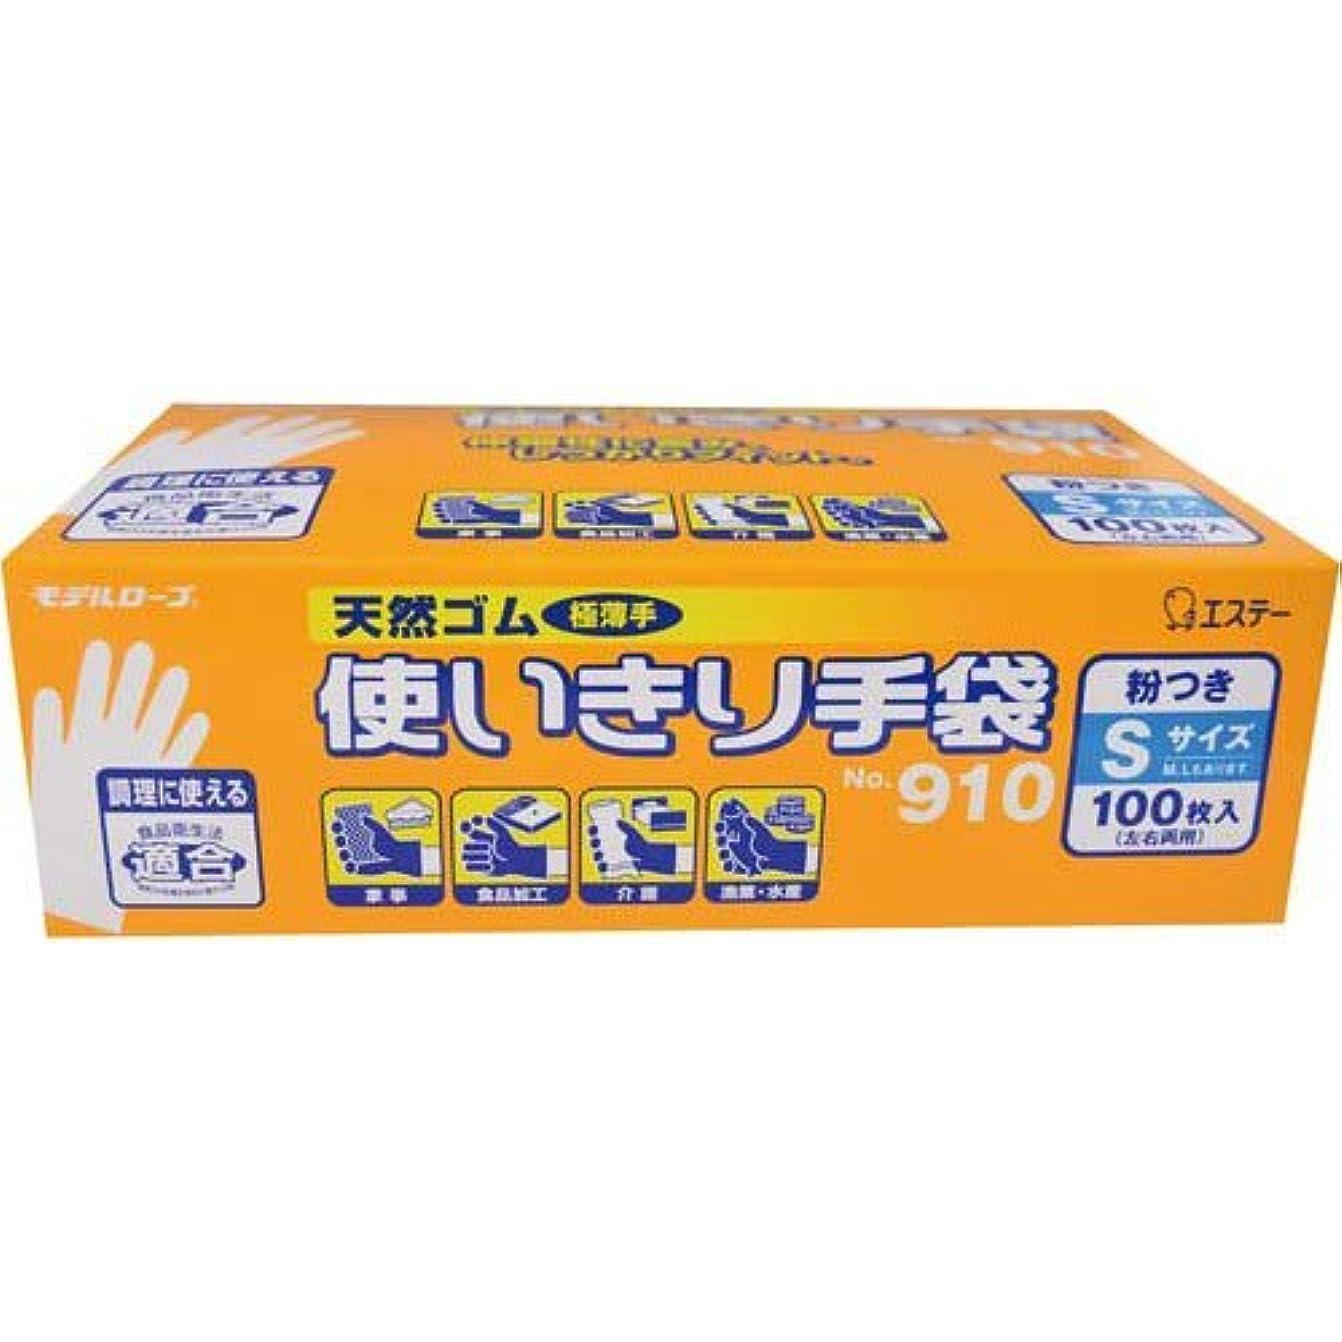 溶けた感嘆豊富なエステー 天然ゴム使いきり手袋No.910 S100枚入×5